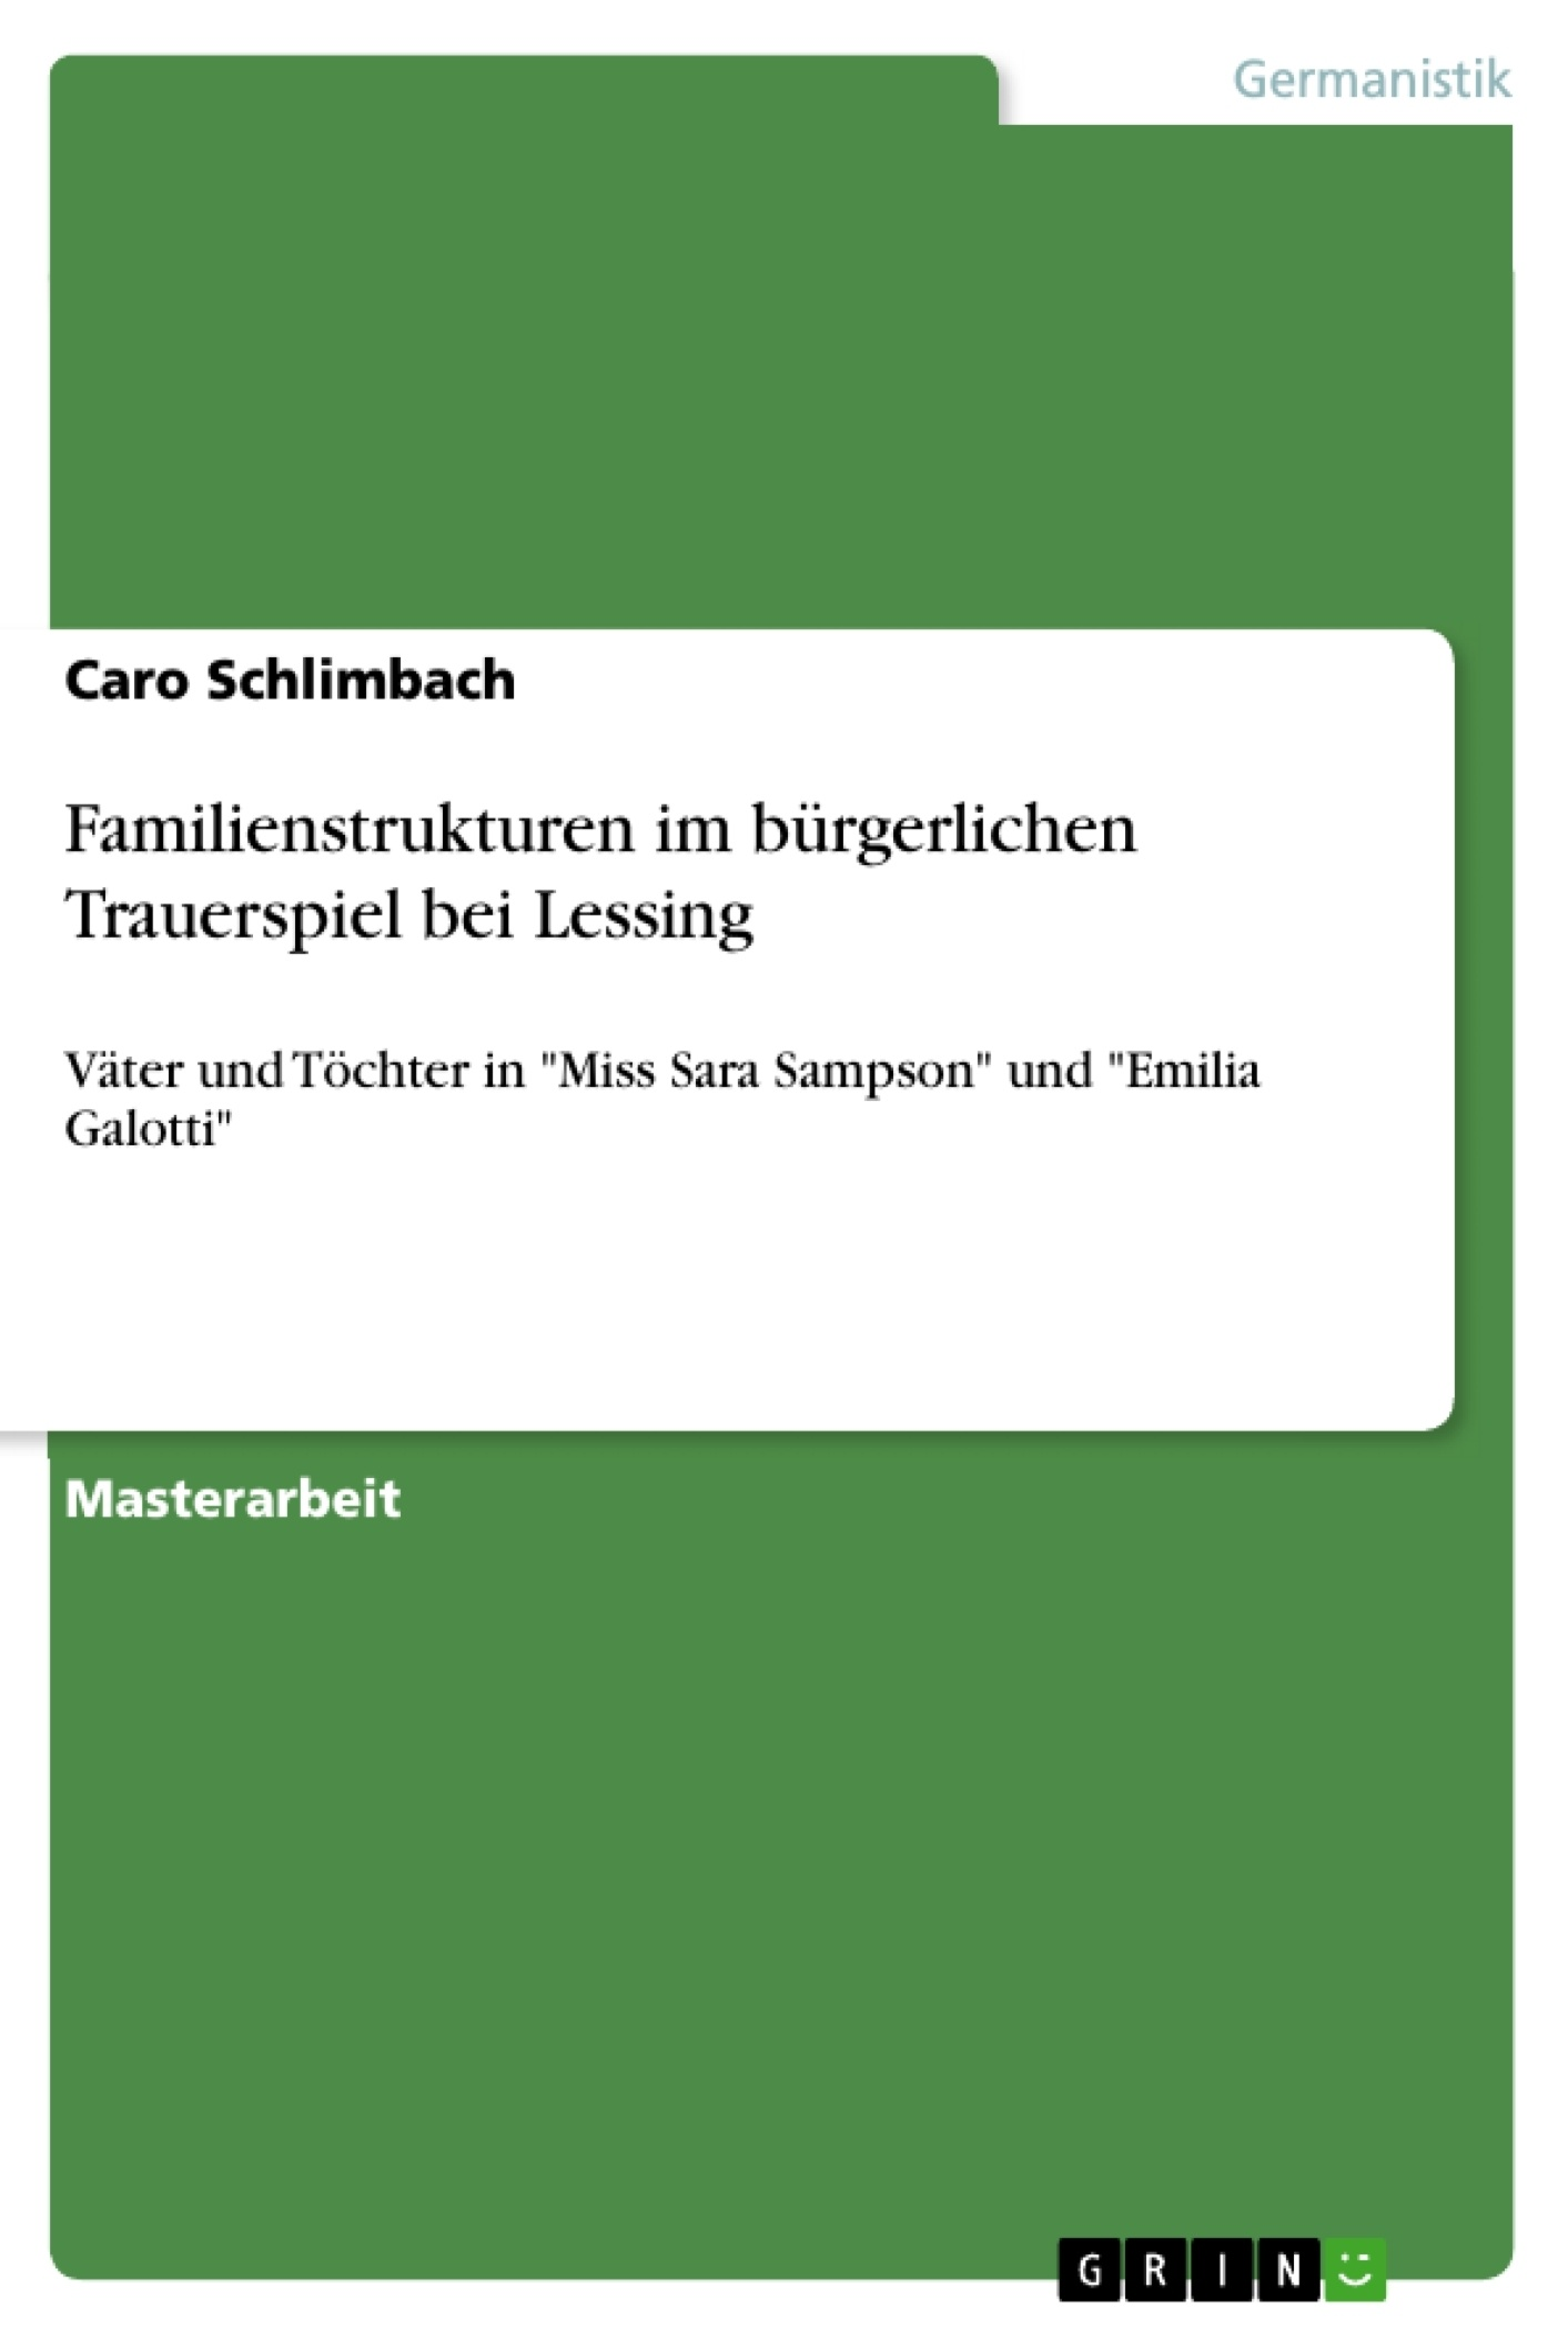 Titel: Familienstrukturen im bürgerlichen Trauerspiel bei Lessing